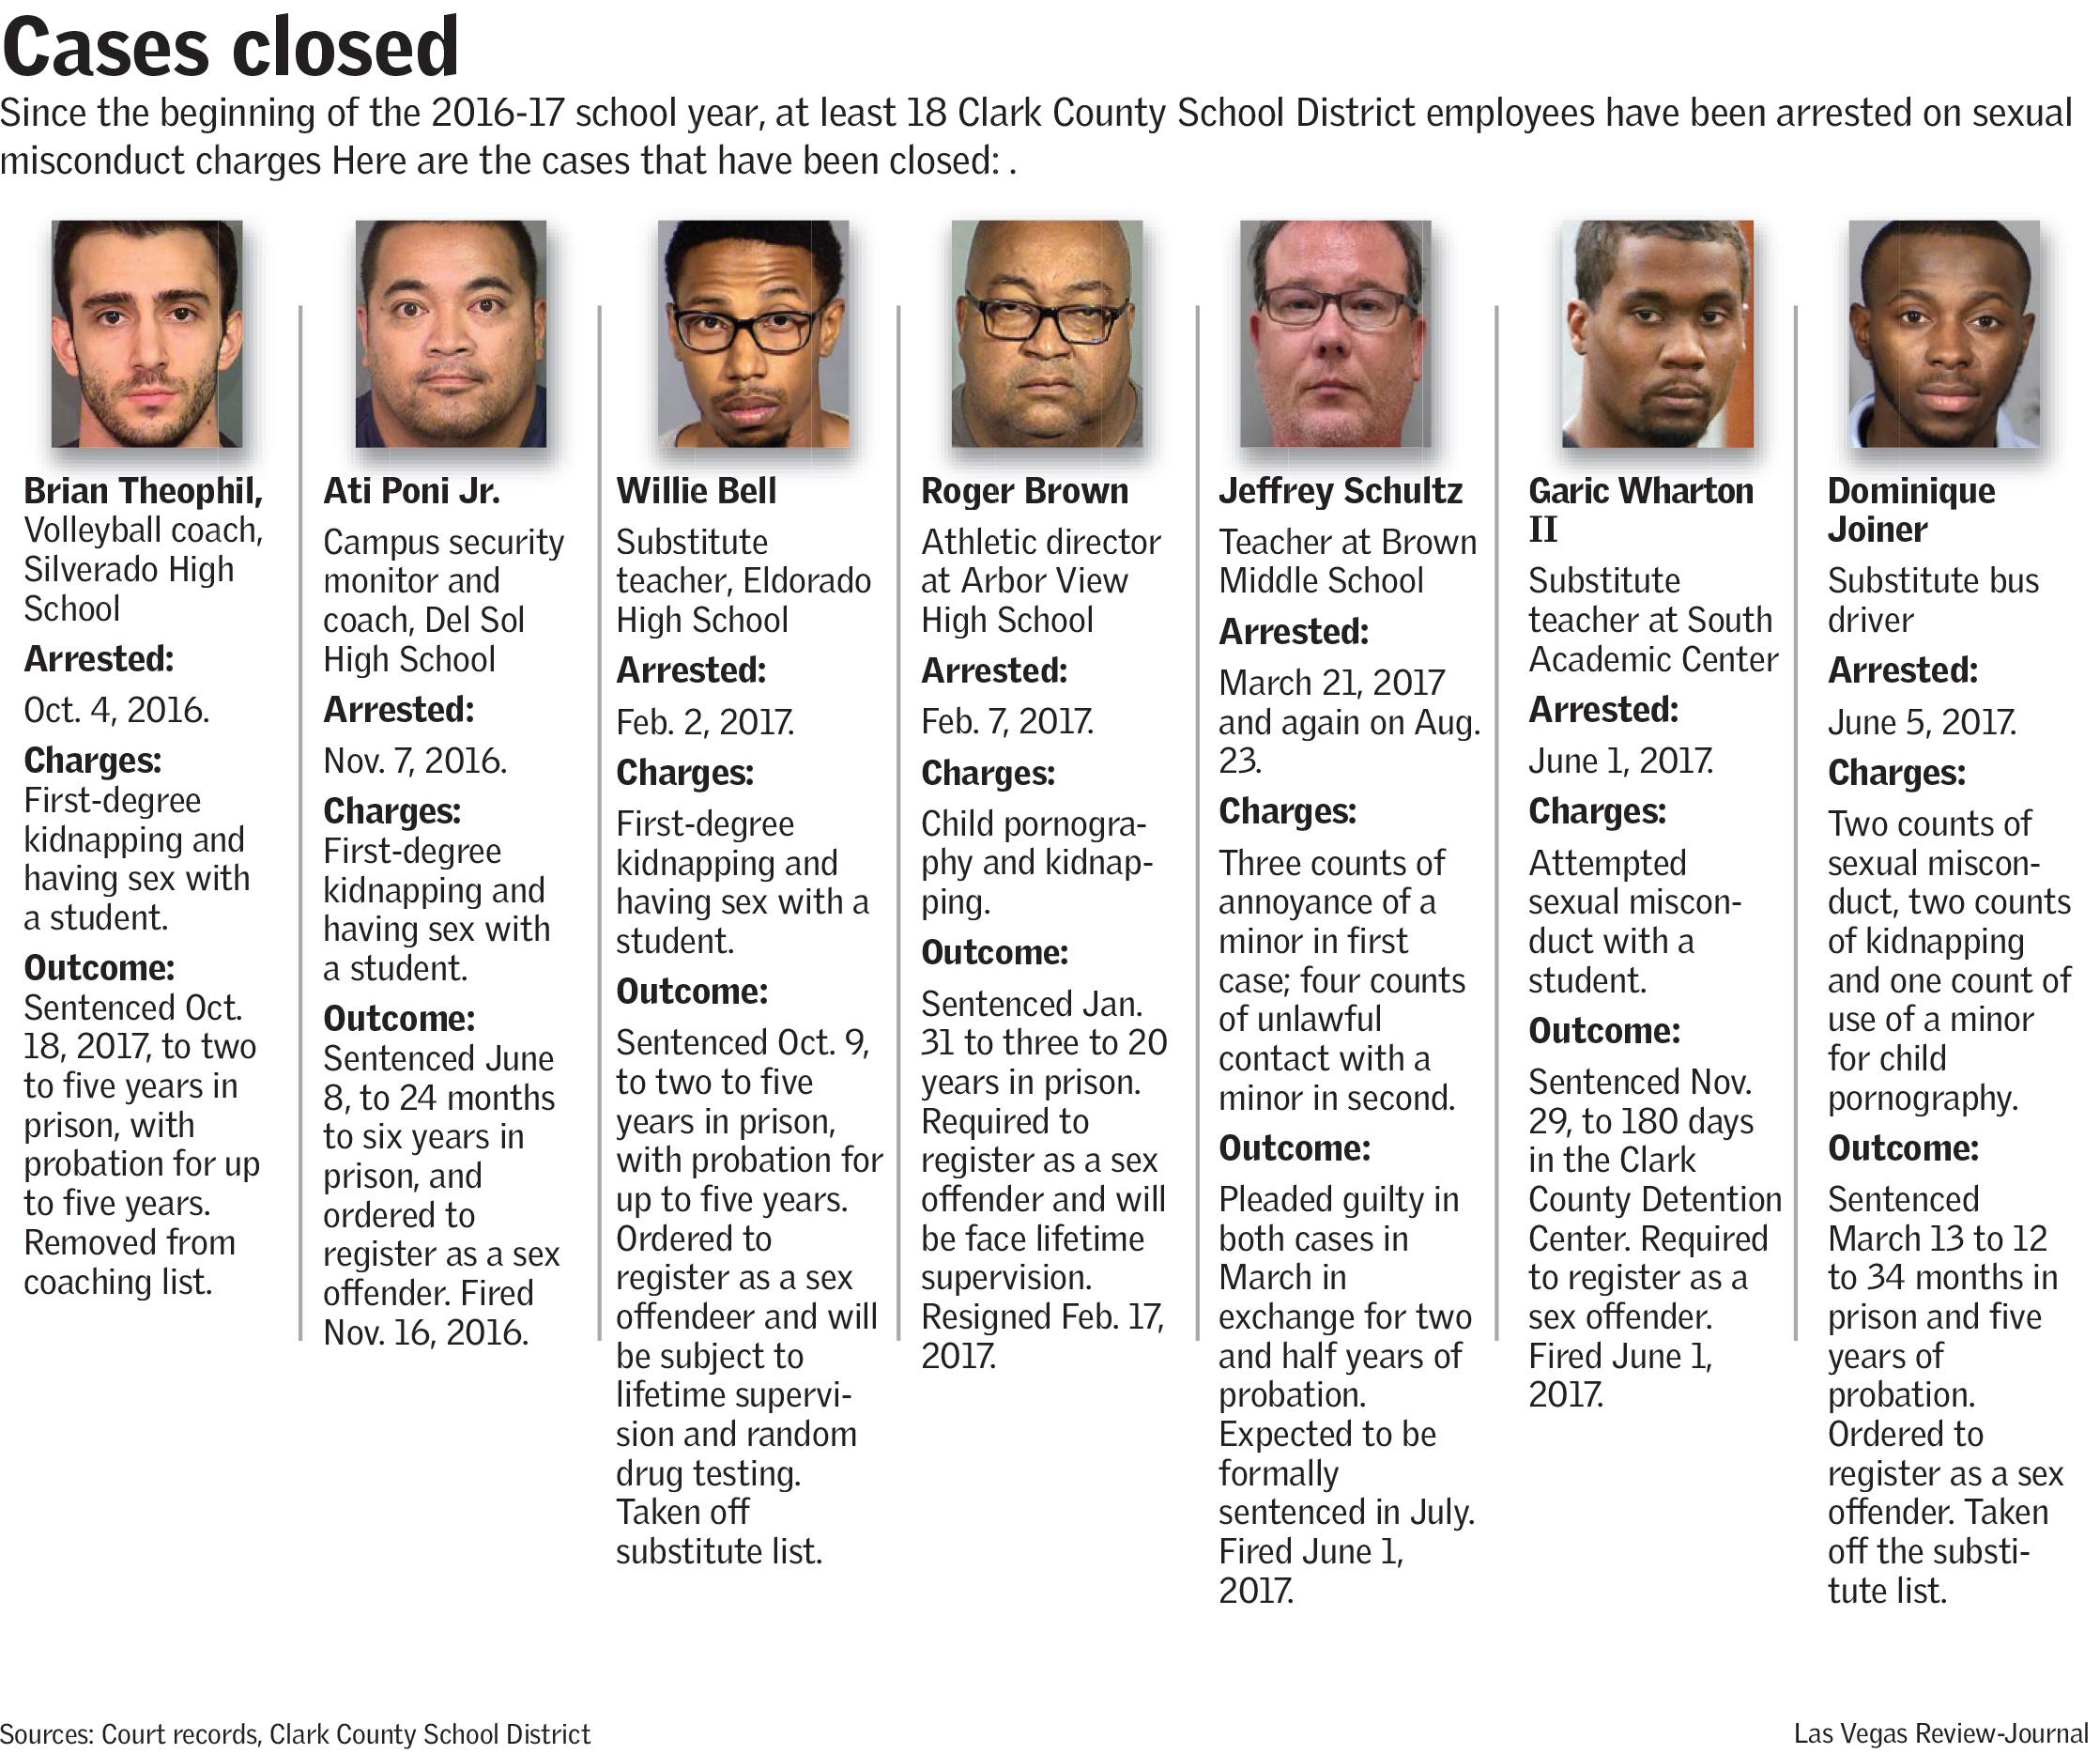 CCSD Closed Cases